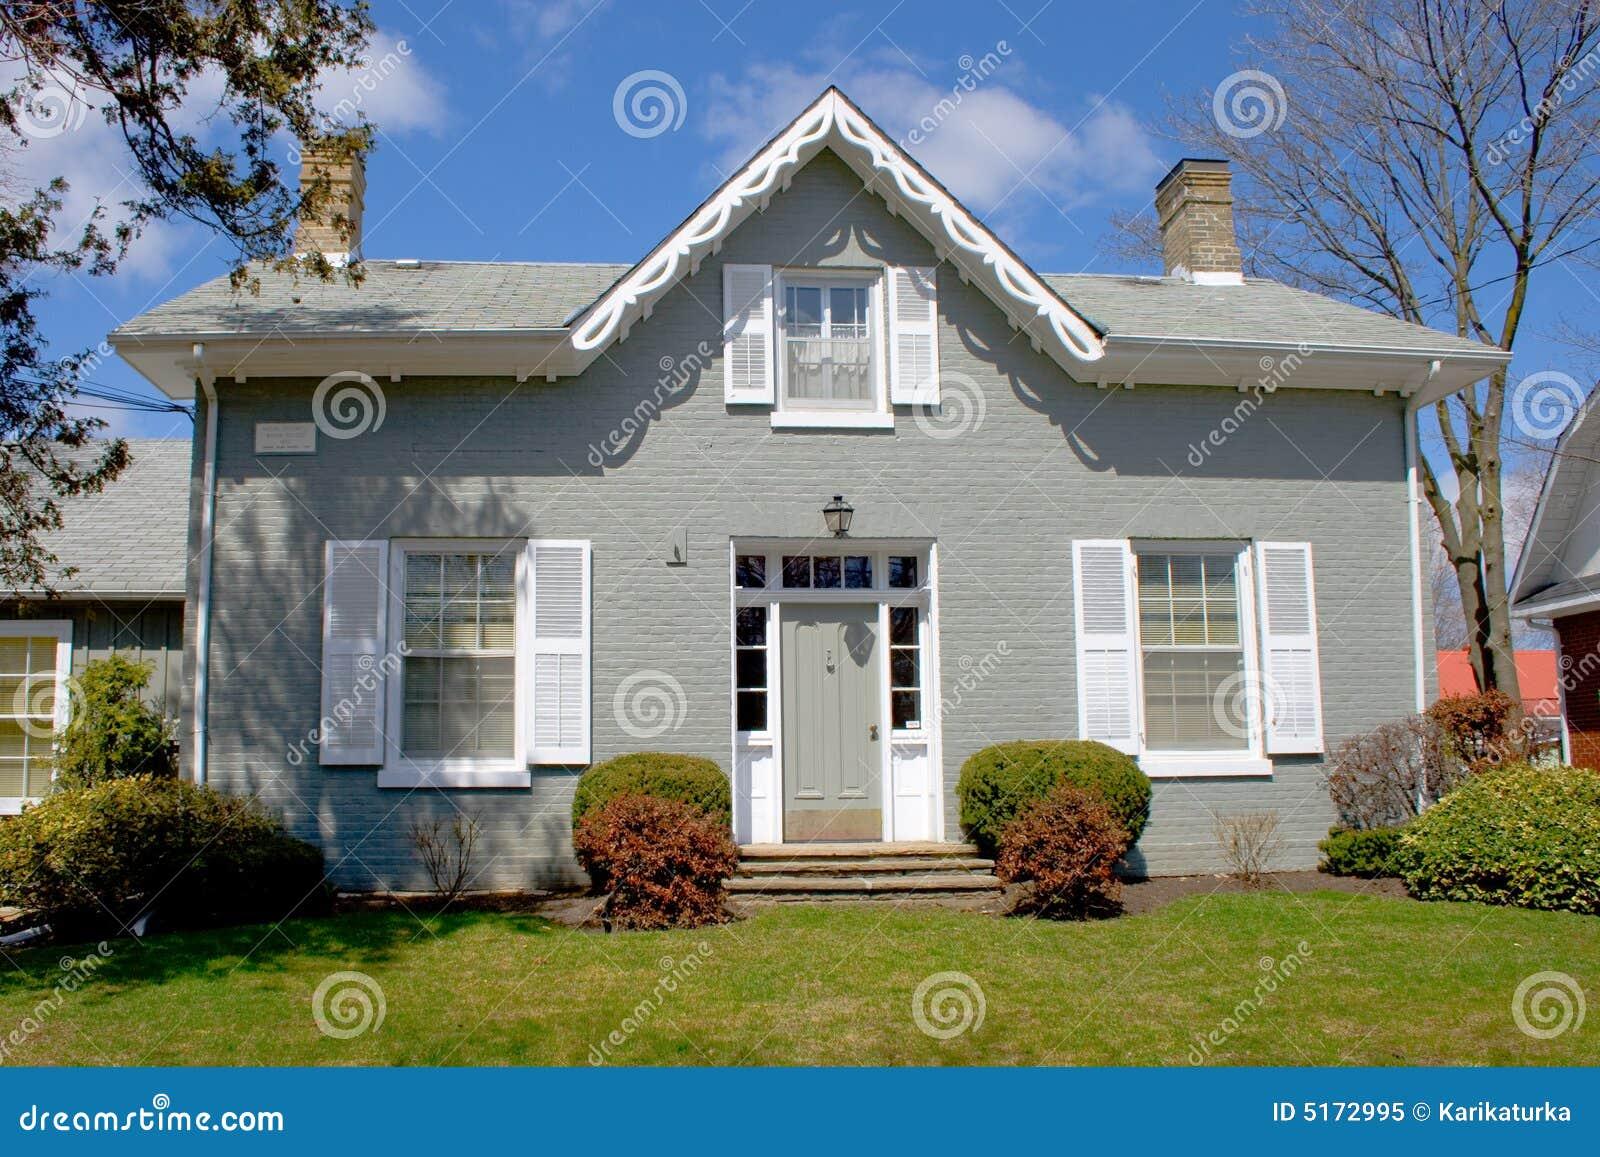 Oud grijs huis royalty vrije stock foto afbeelding 5172995 - Modern deco in oud huis ...